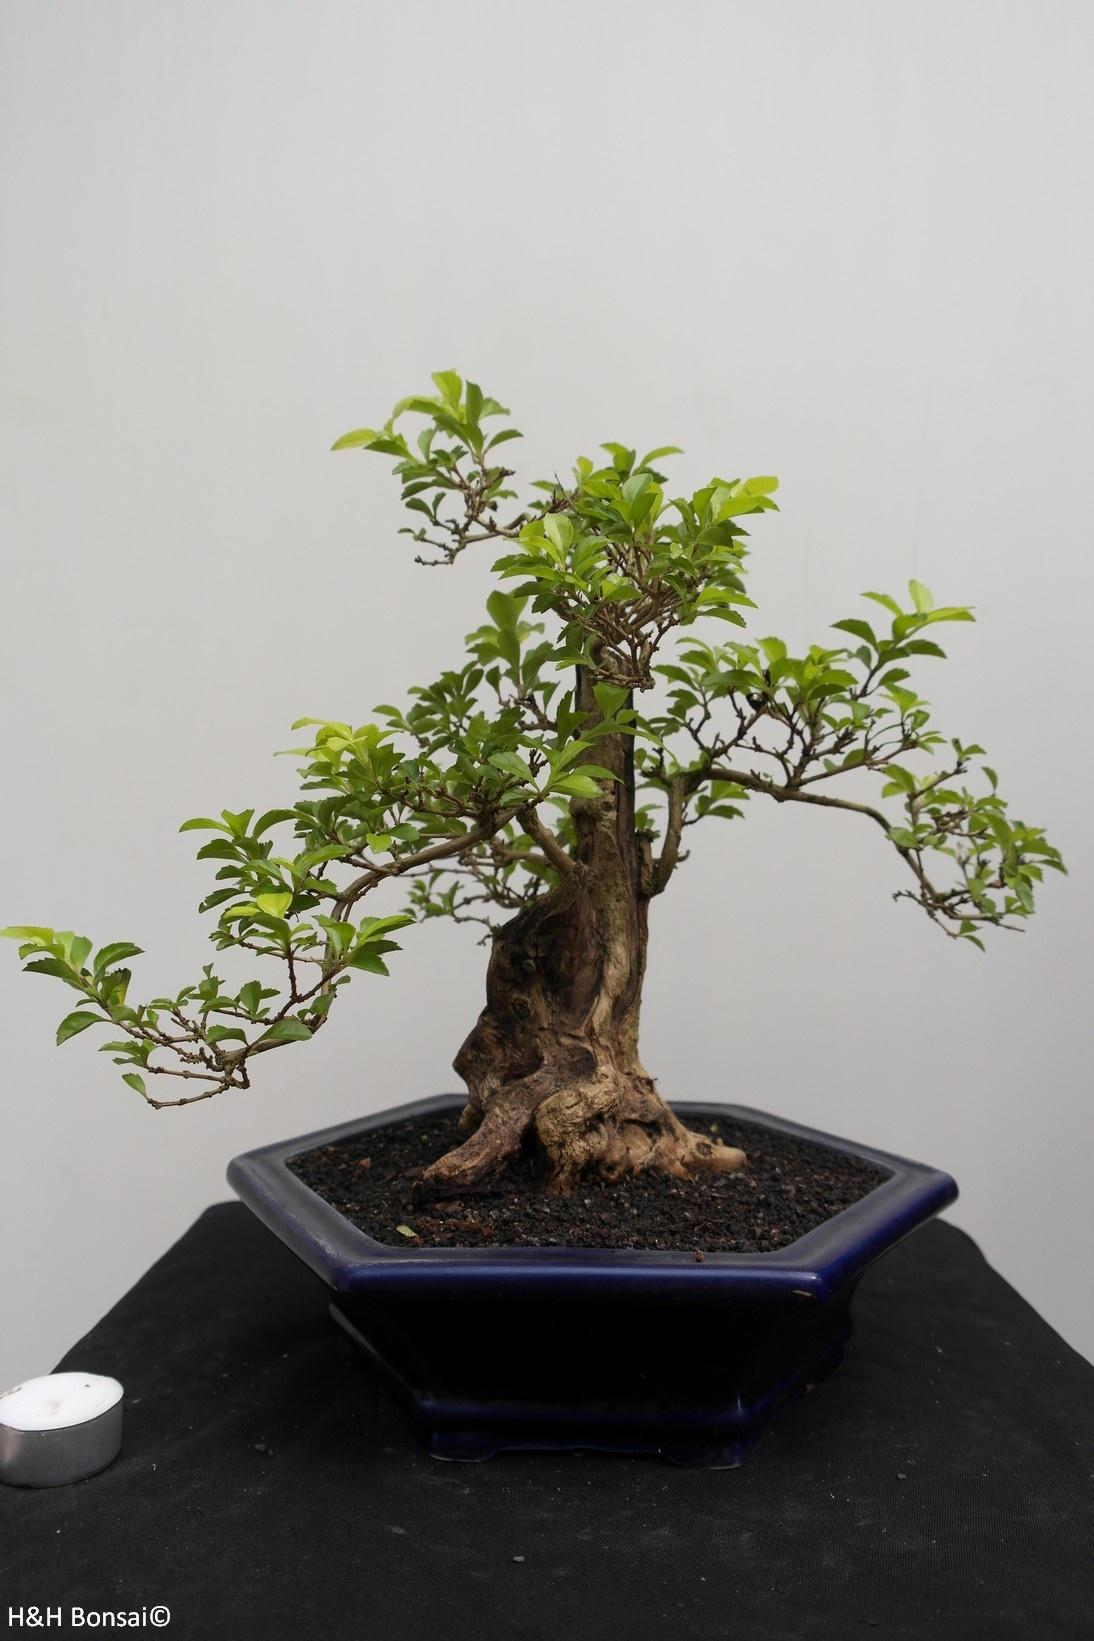 Bonsai Taubenbeere, Duranta, nr. 7838